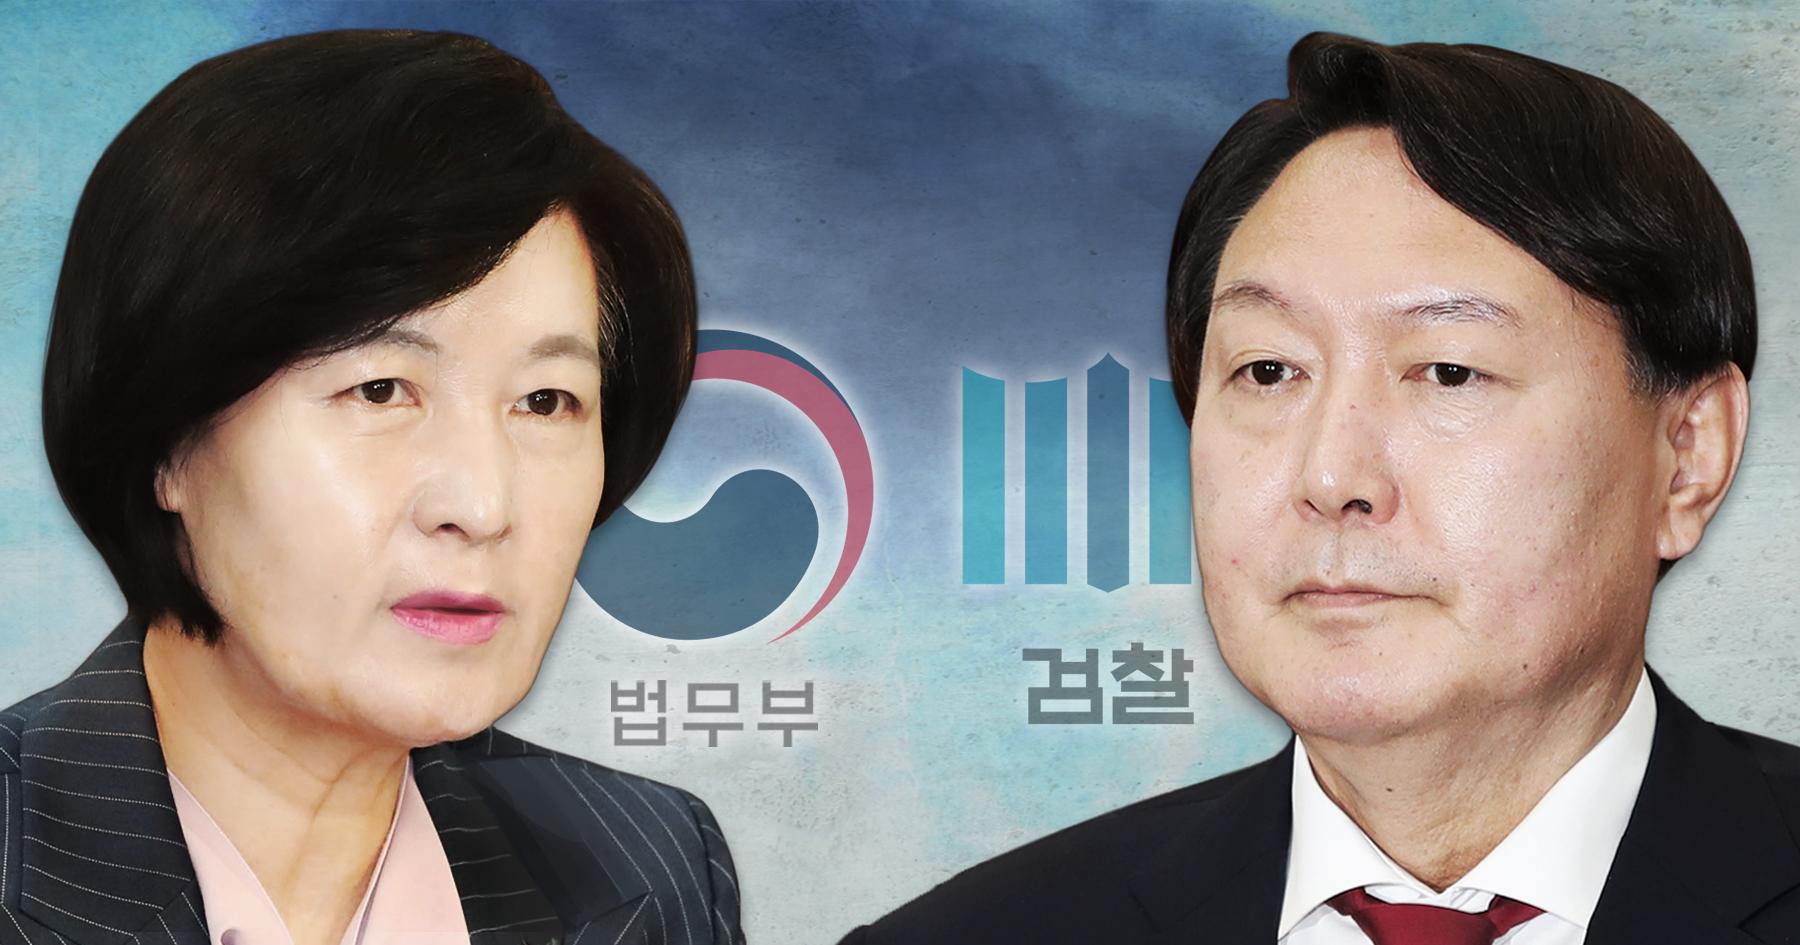 추미애 법무부장관 - 윤석열 검찰총장